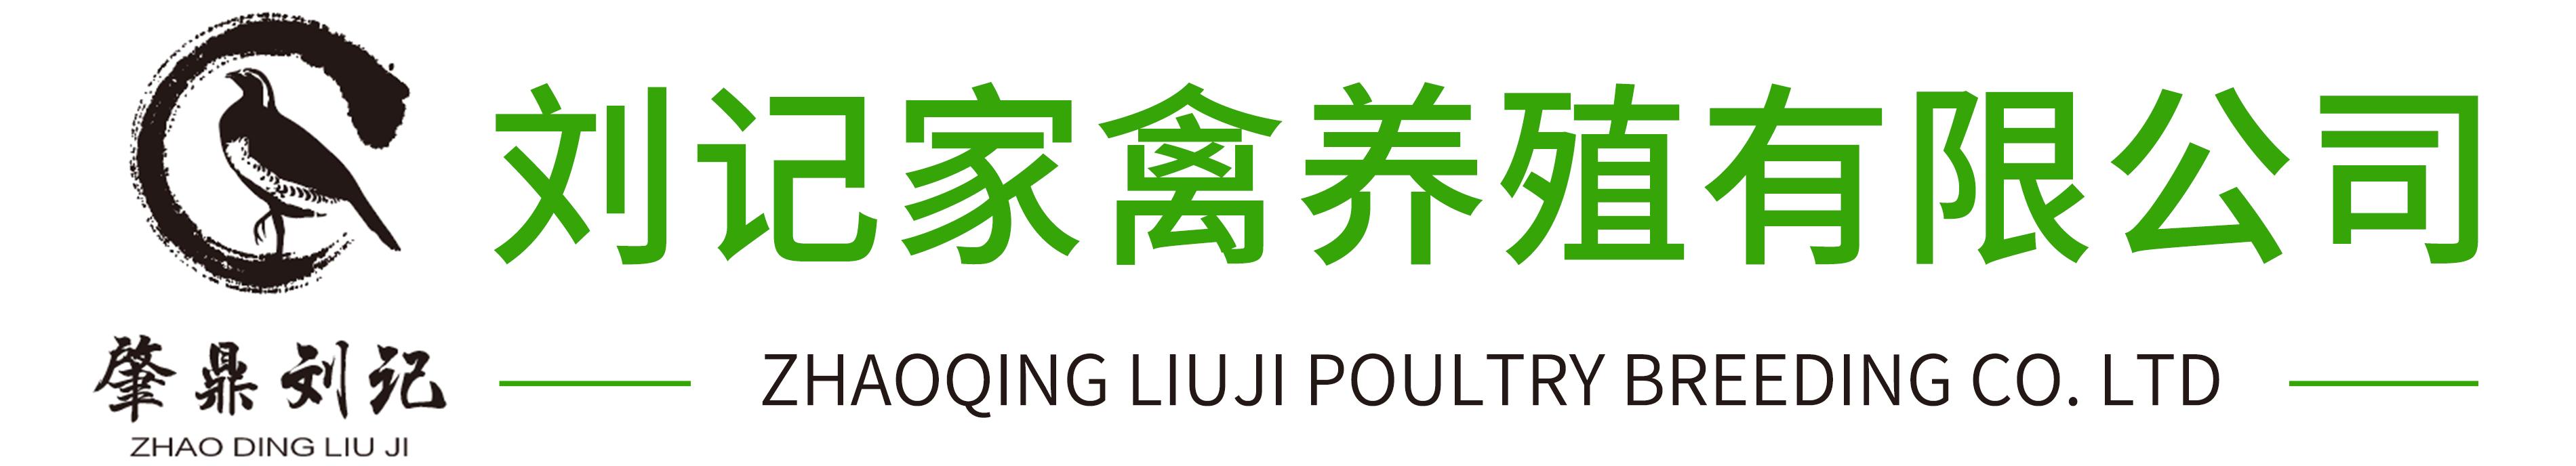 肇庆刘记家禽养殖有限公司